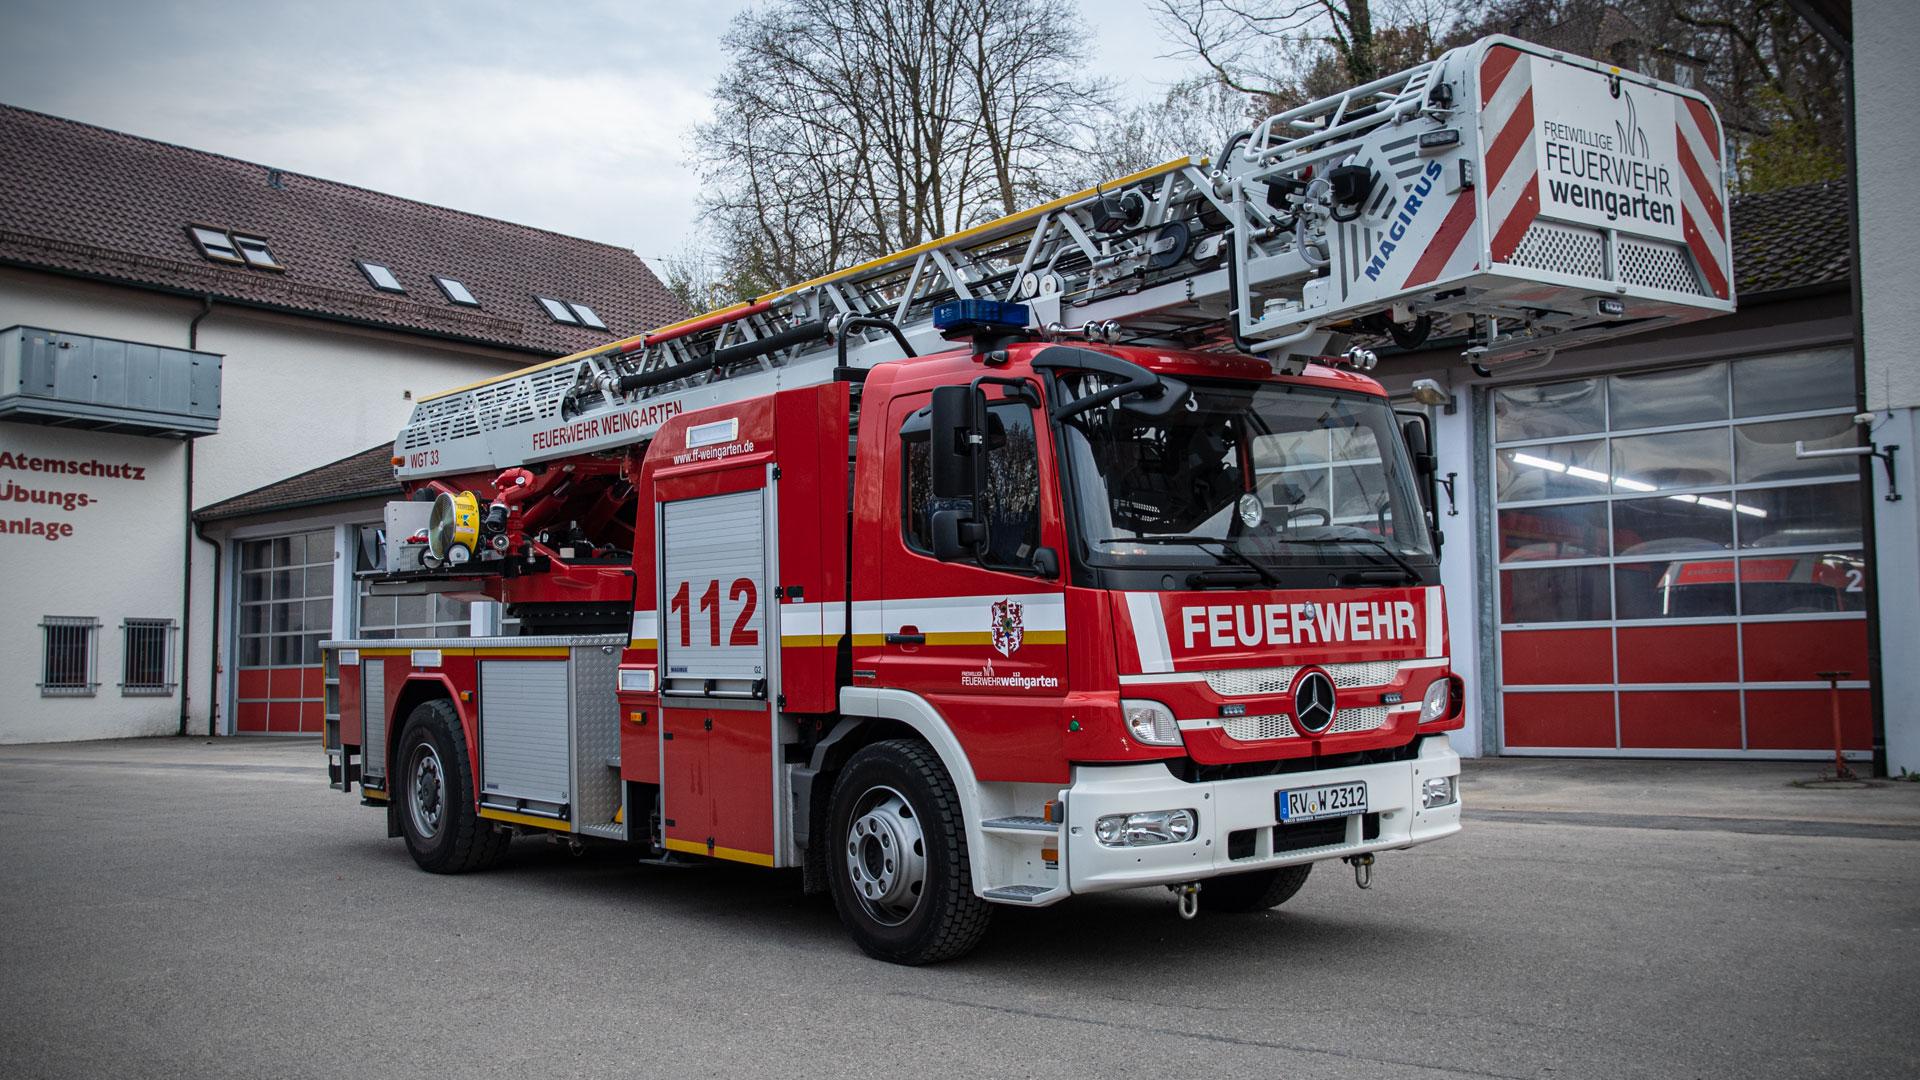 Drehleiter Automatik mit Korb 23/12 der Feuerwehr Weingarten.